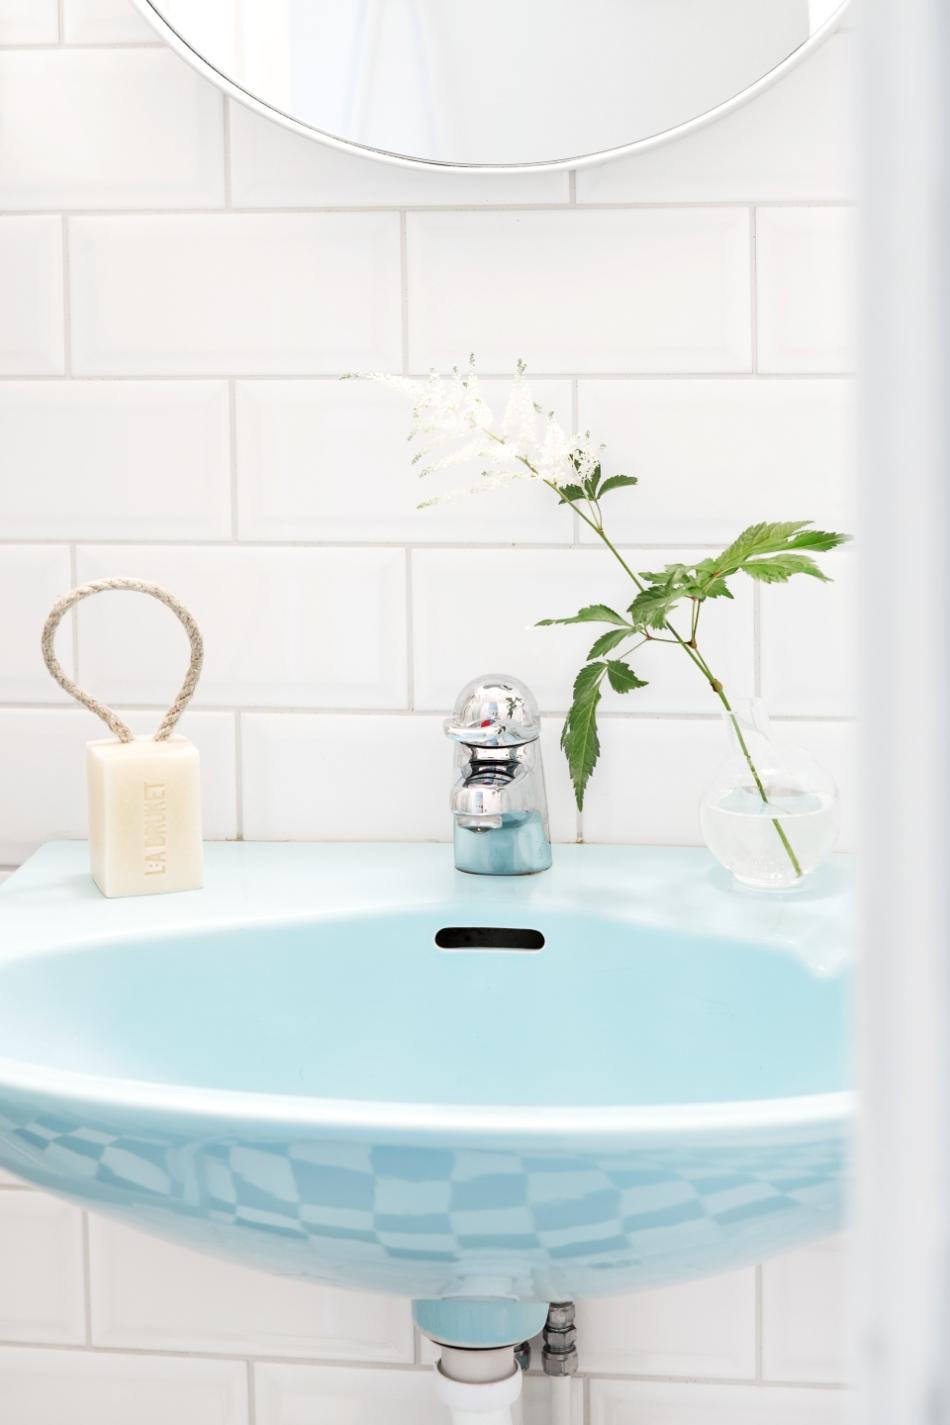 Södermalm badrum blått handfat romanitk chackklinkers lilla bruket